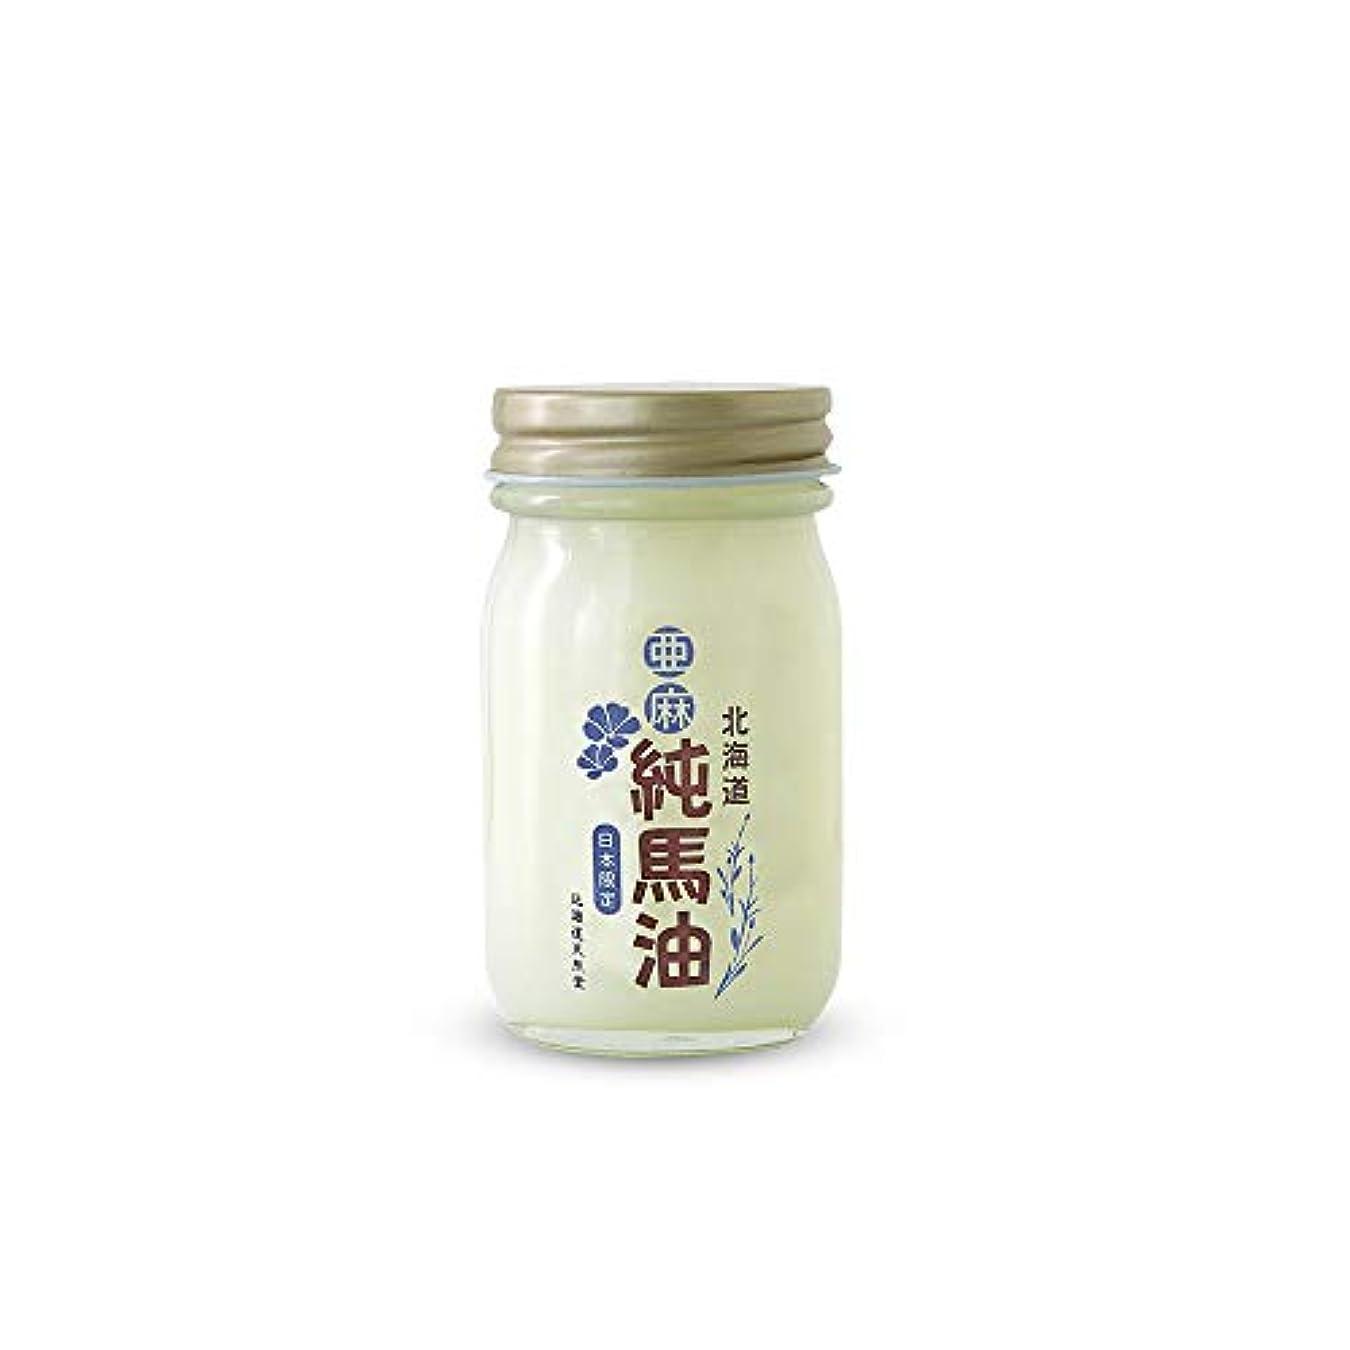 スピリチュアル貧困従来のアマ純馬油 80g / 北海道天然堂